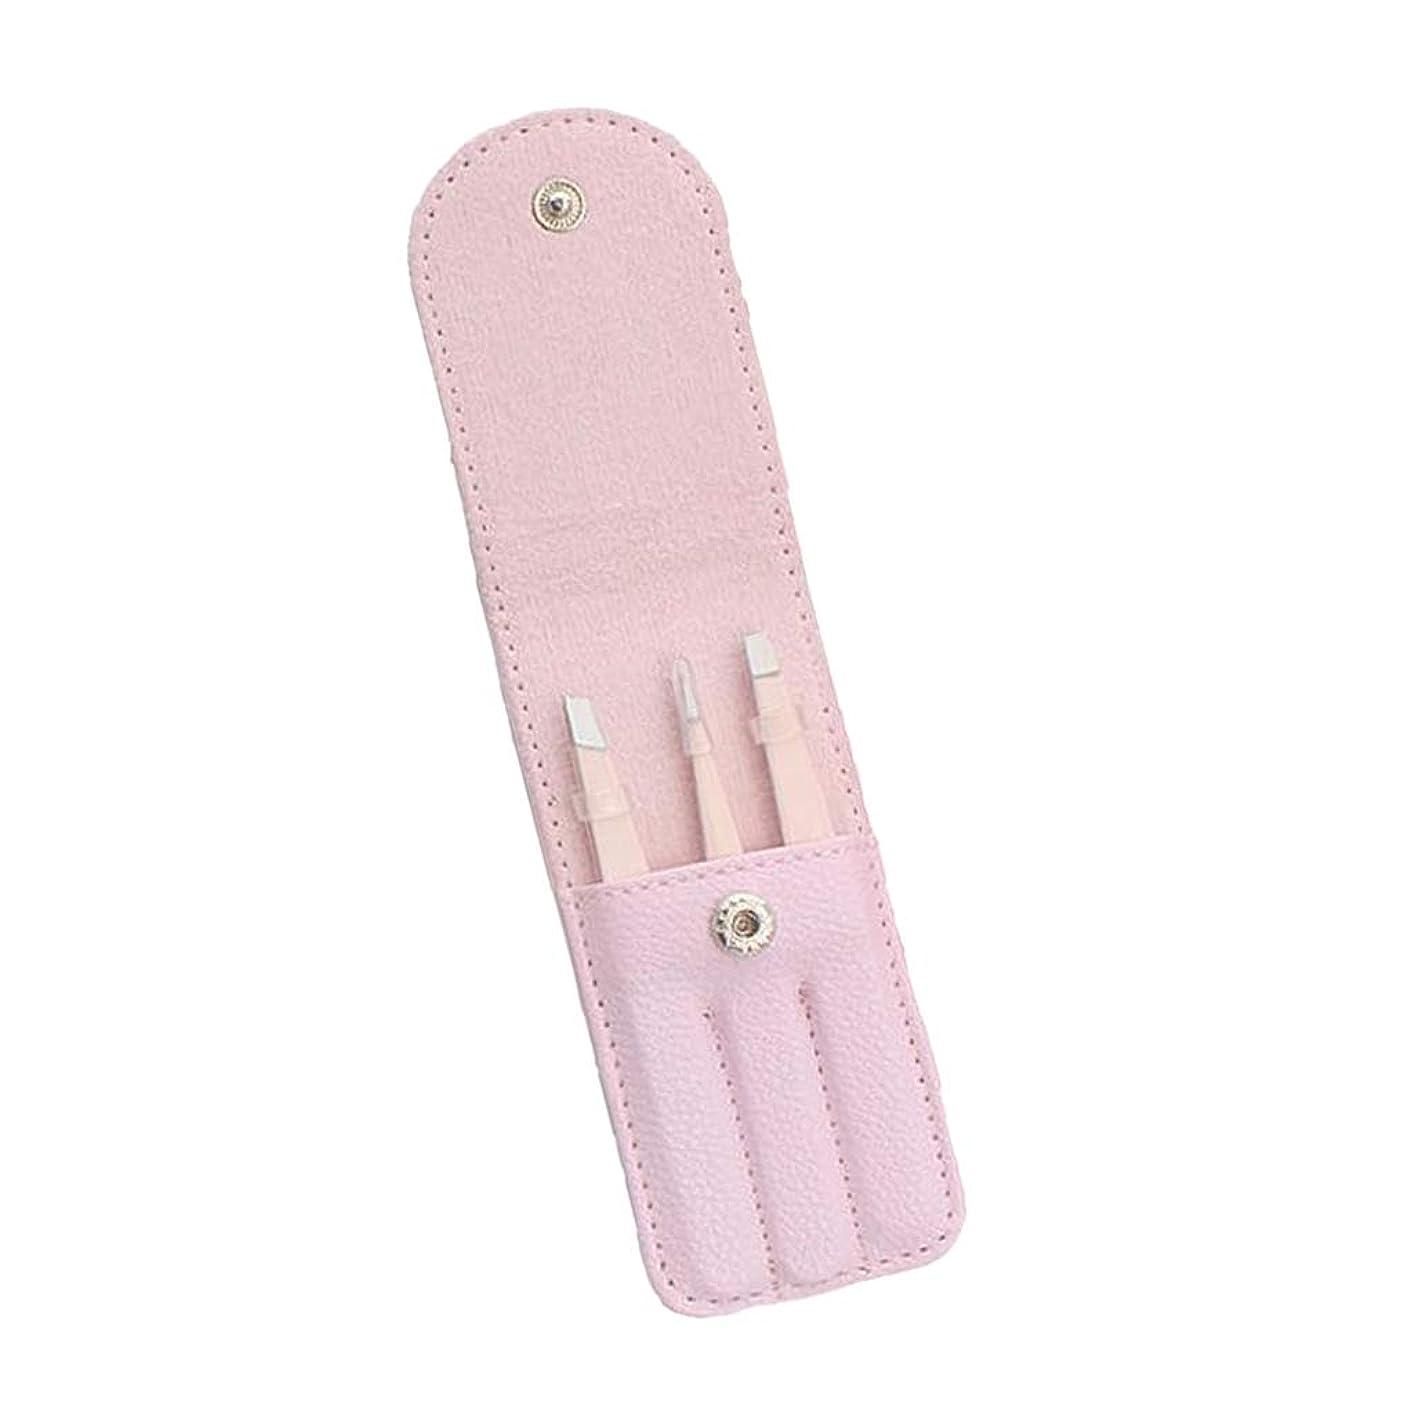 Perfeclan 3個 眉毛ピンセット 毛抜き 眉毛クリップ ステンレス鋼 収納バッグ付 実用的 全4色 - ピンク